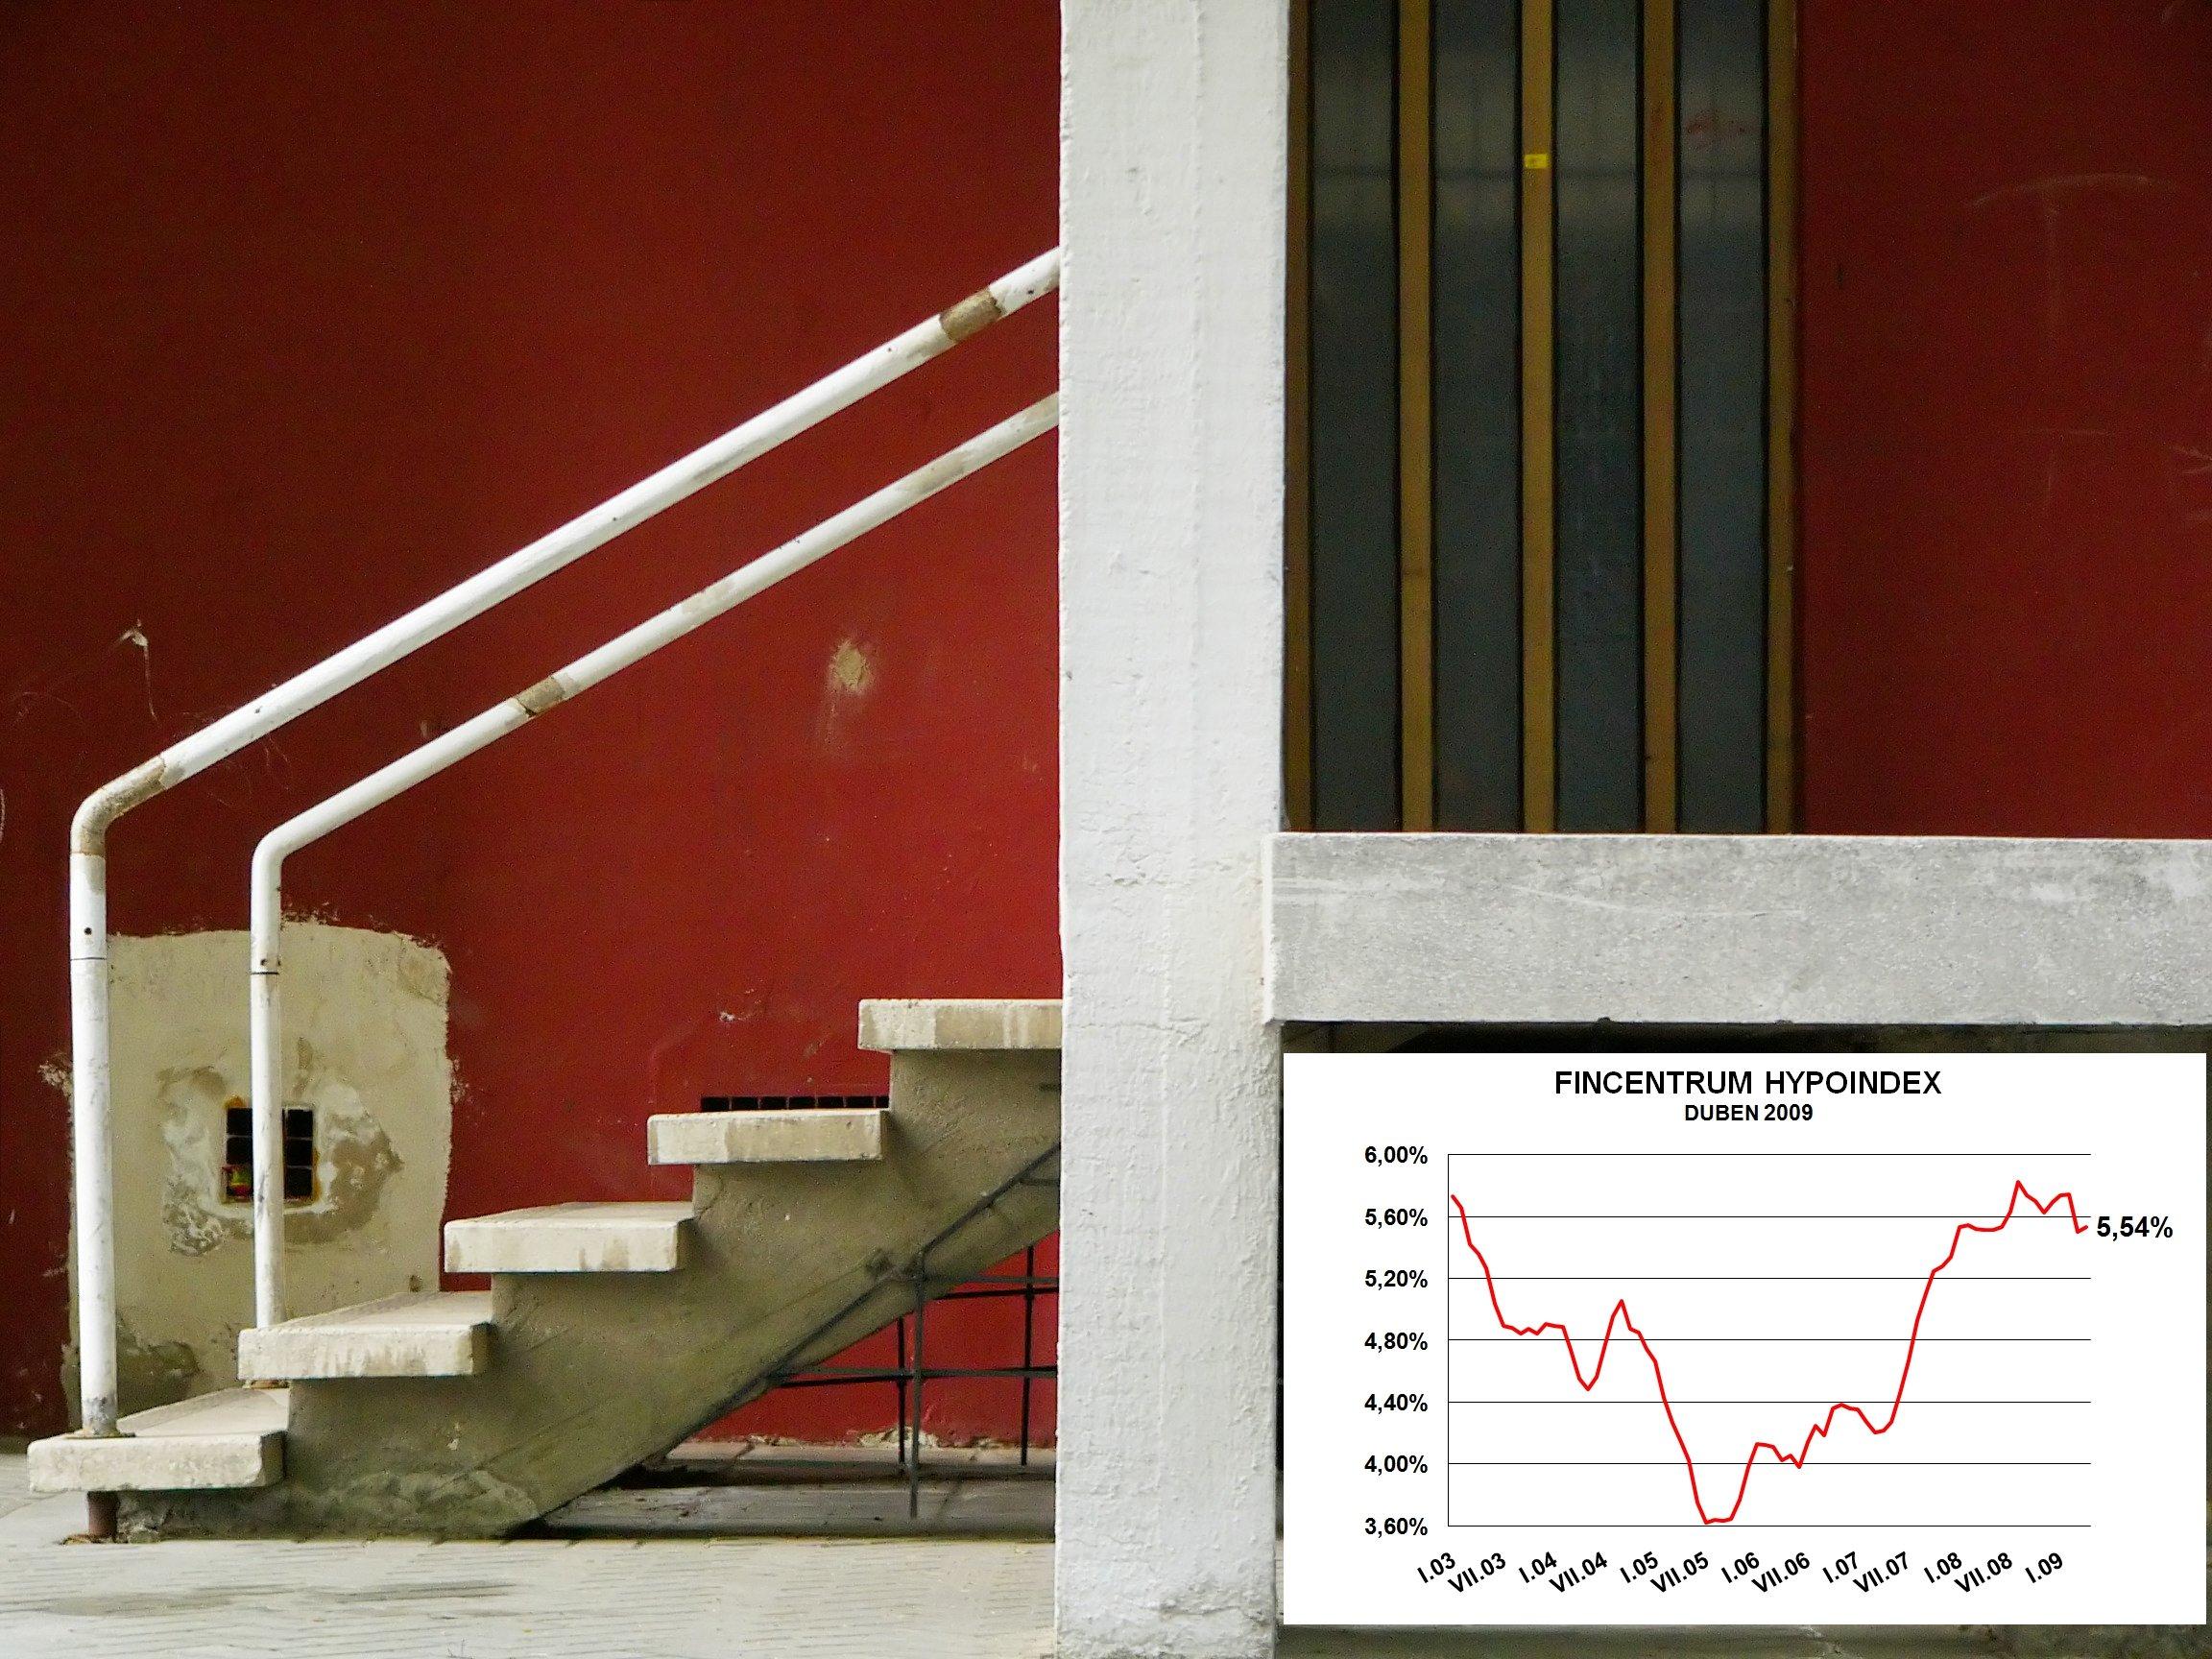 Hypoindex duben 2009: Další propad sazeb již nenastal